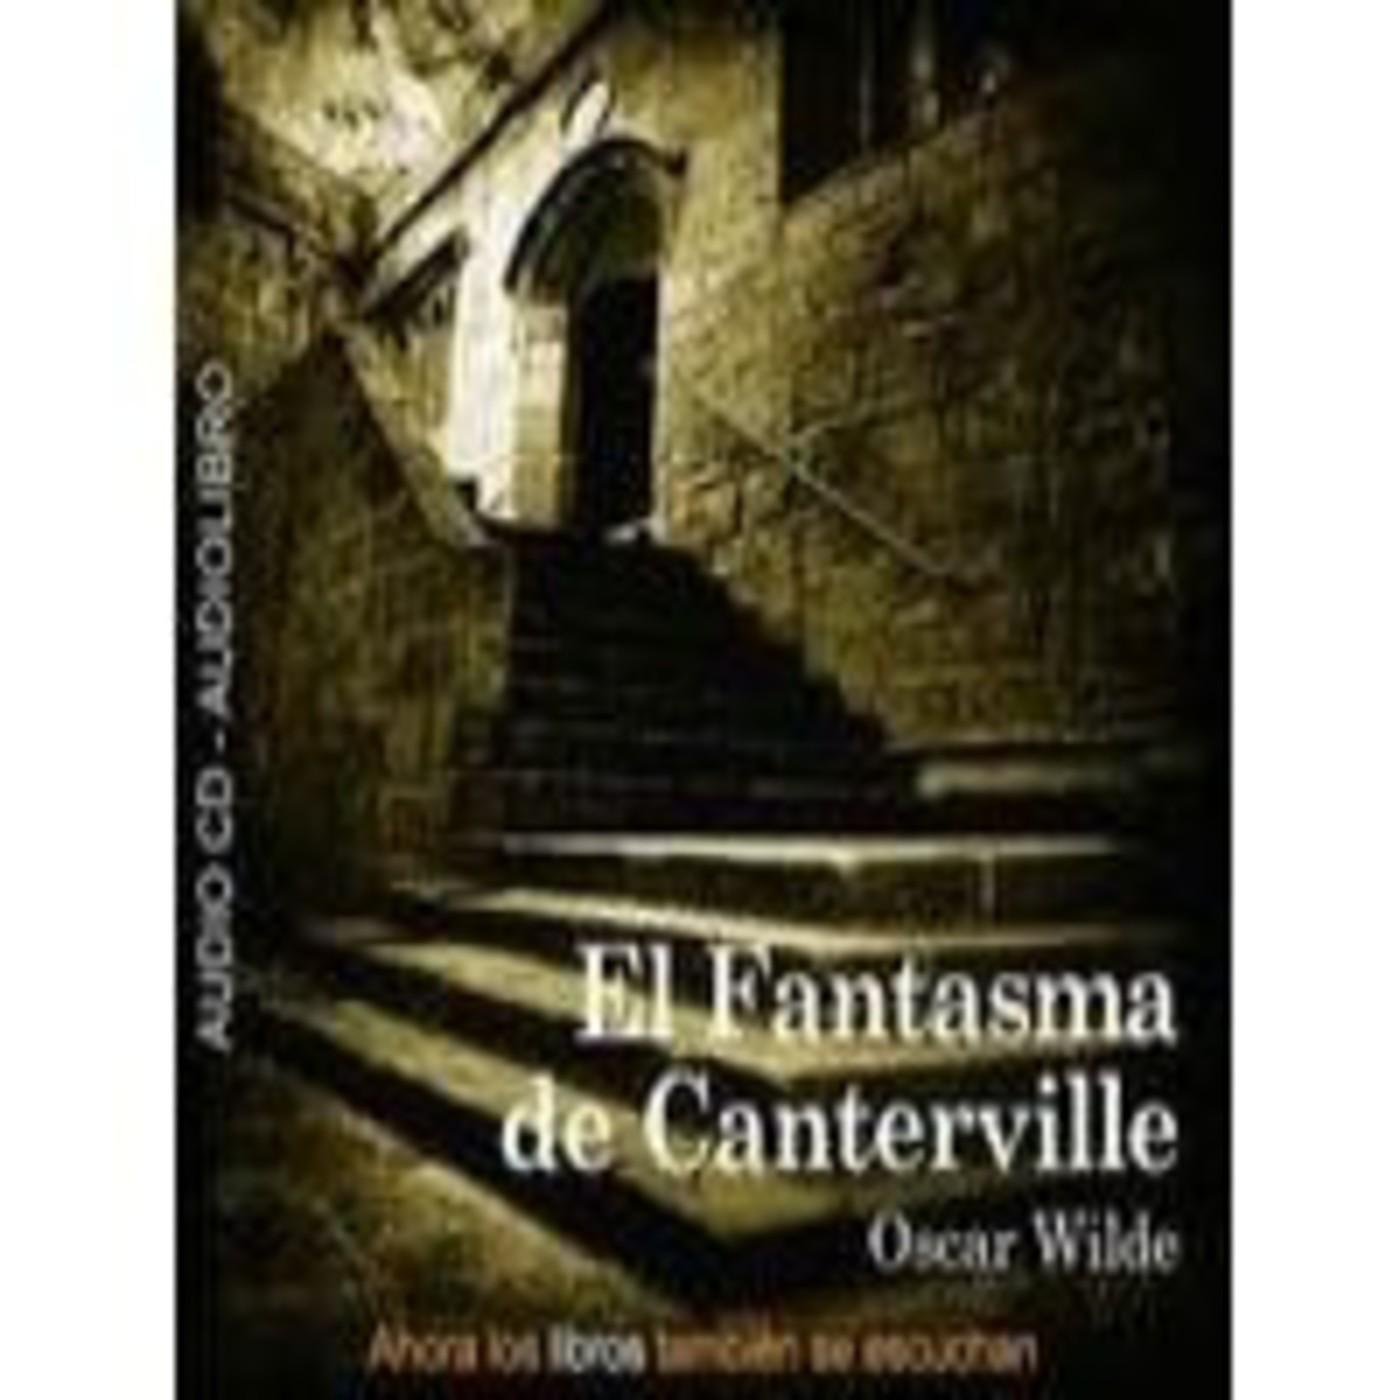 El fantasma de Canterville (Oscar Wilde)